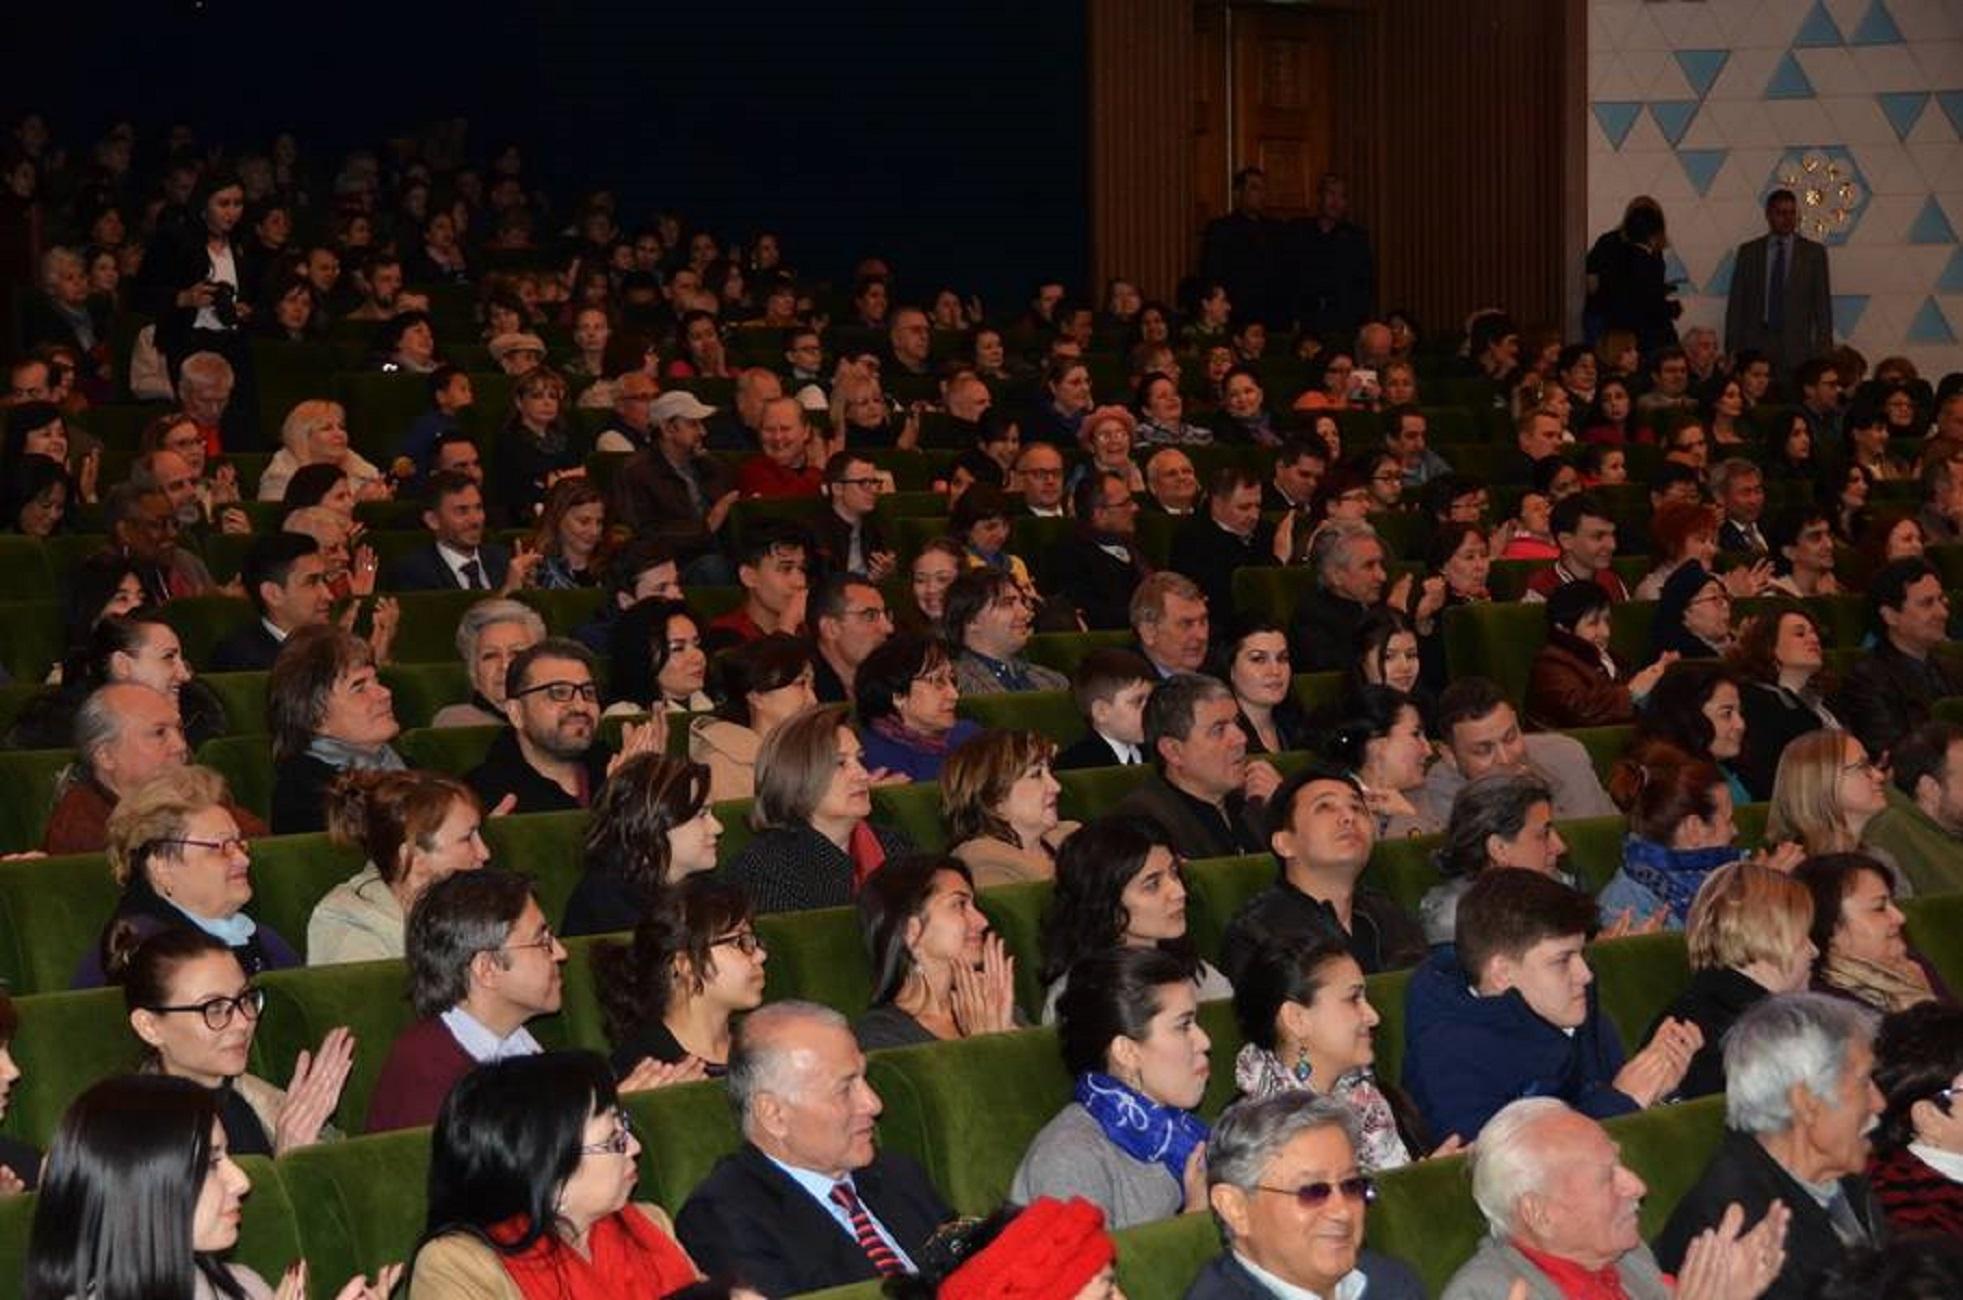 Публика на выступлении латвийского трио «AG 3» и певицы Айи Витолини. Ташкент, 5 апреля. [ЮНЕСКО]